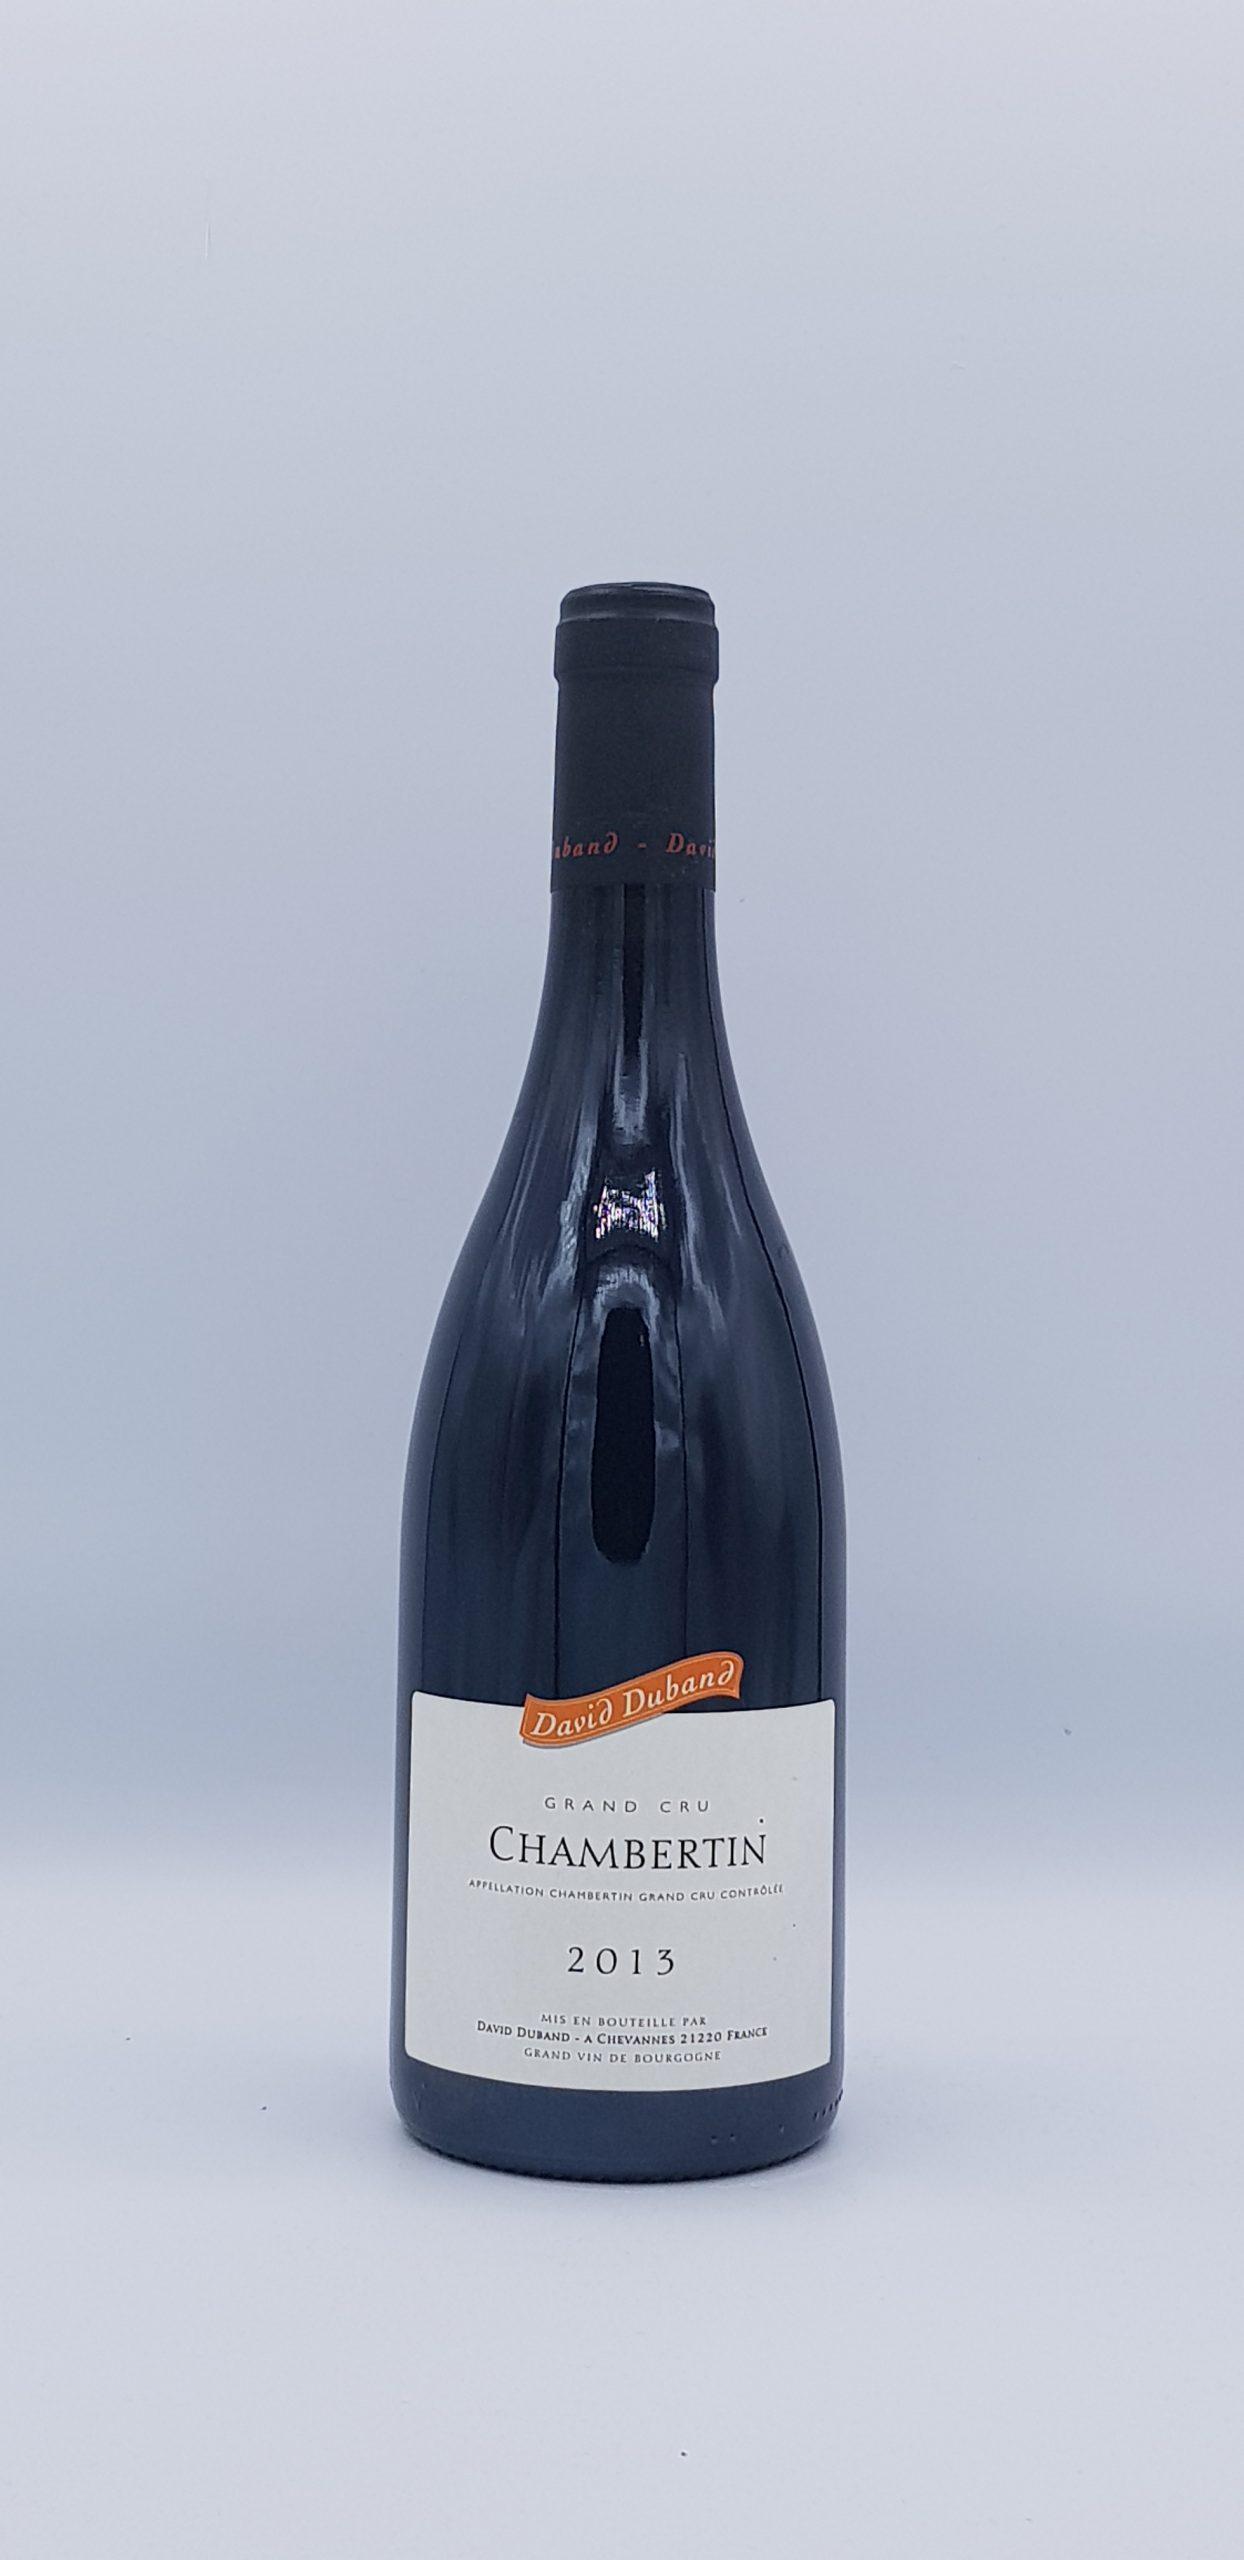 Chambertin Grand Cru 2013